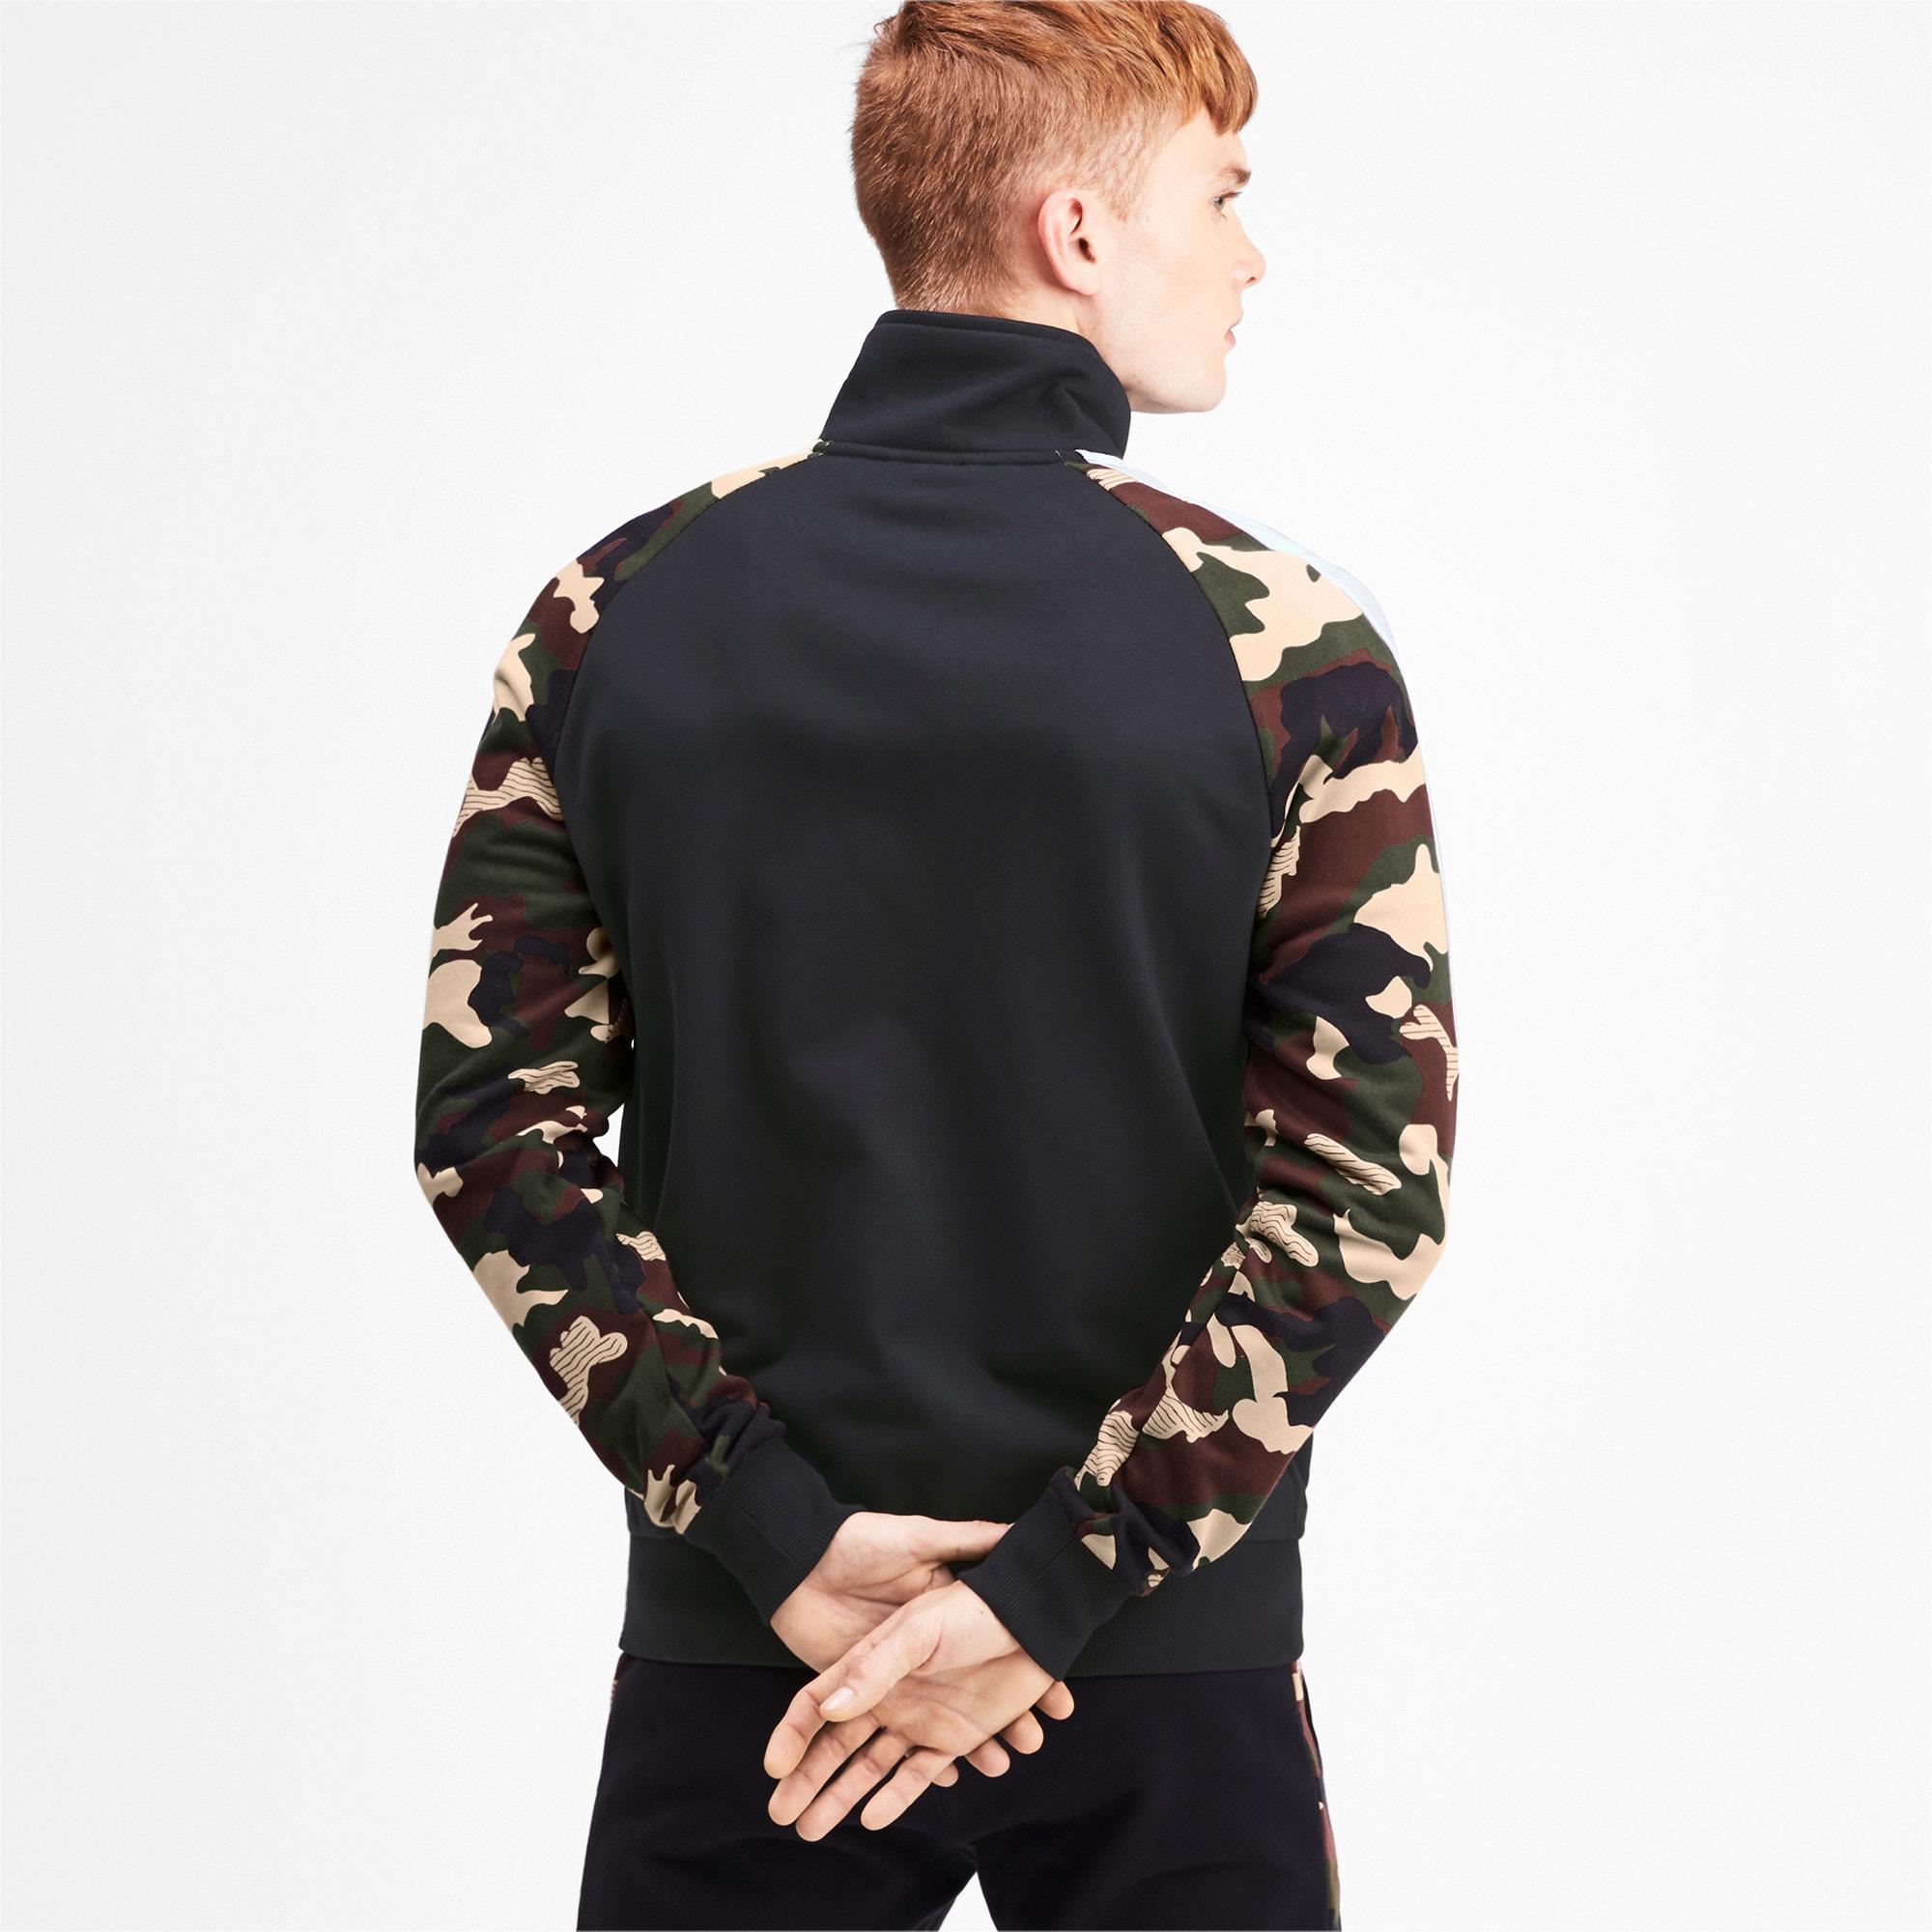 Thumbnail 2 of T7 Men's AOP Track Jacket, Puma Black, medium